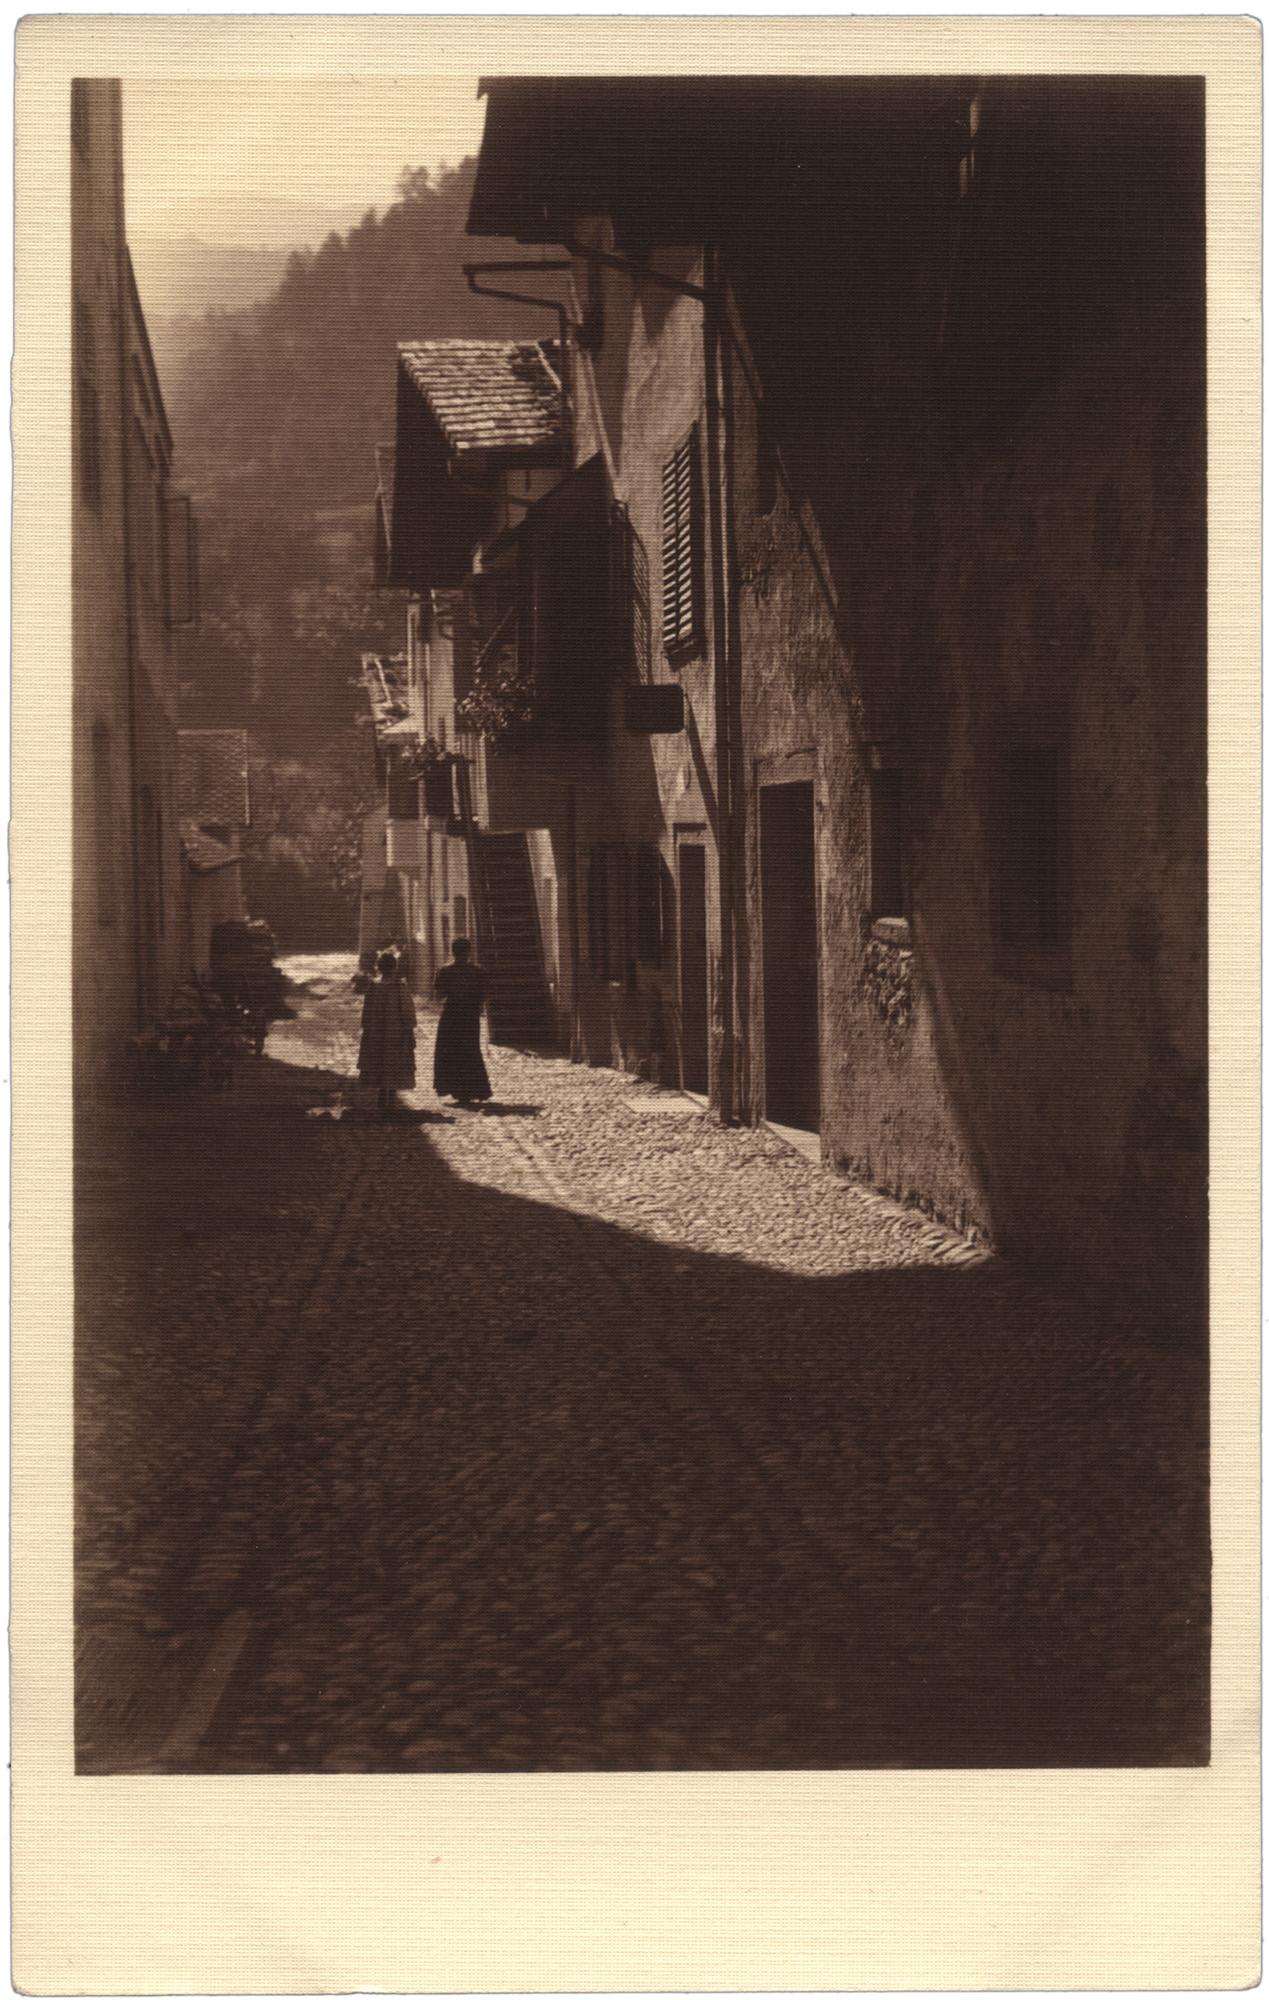 Fotó: Faix Jacques: Nők az utcán, 1908 © Magyar Fotográfiai Múzeum